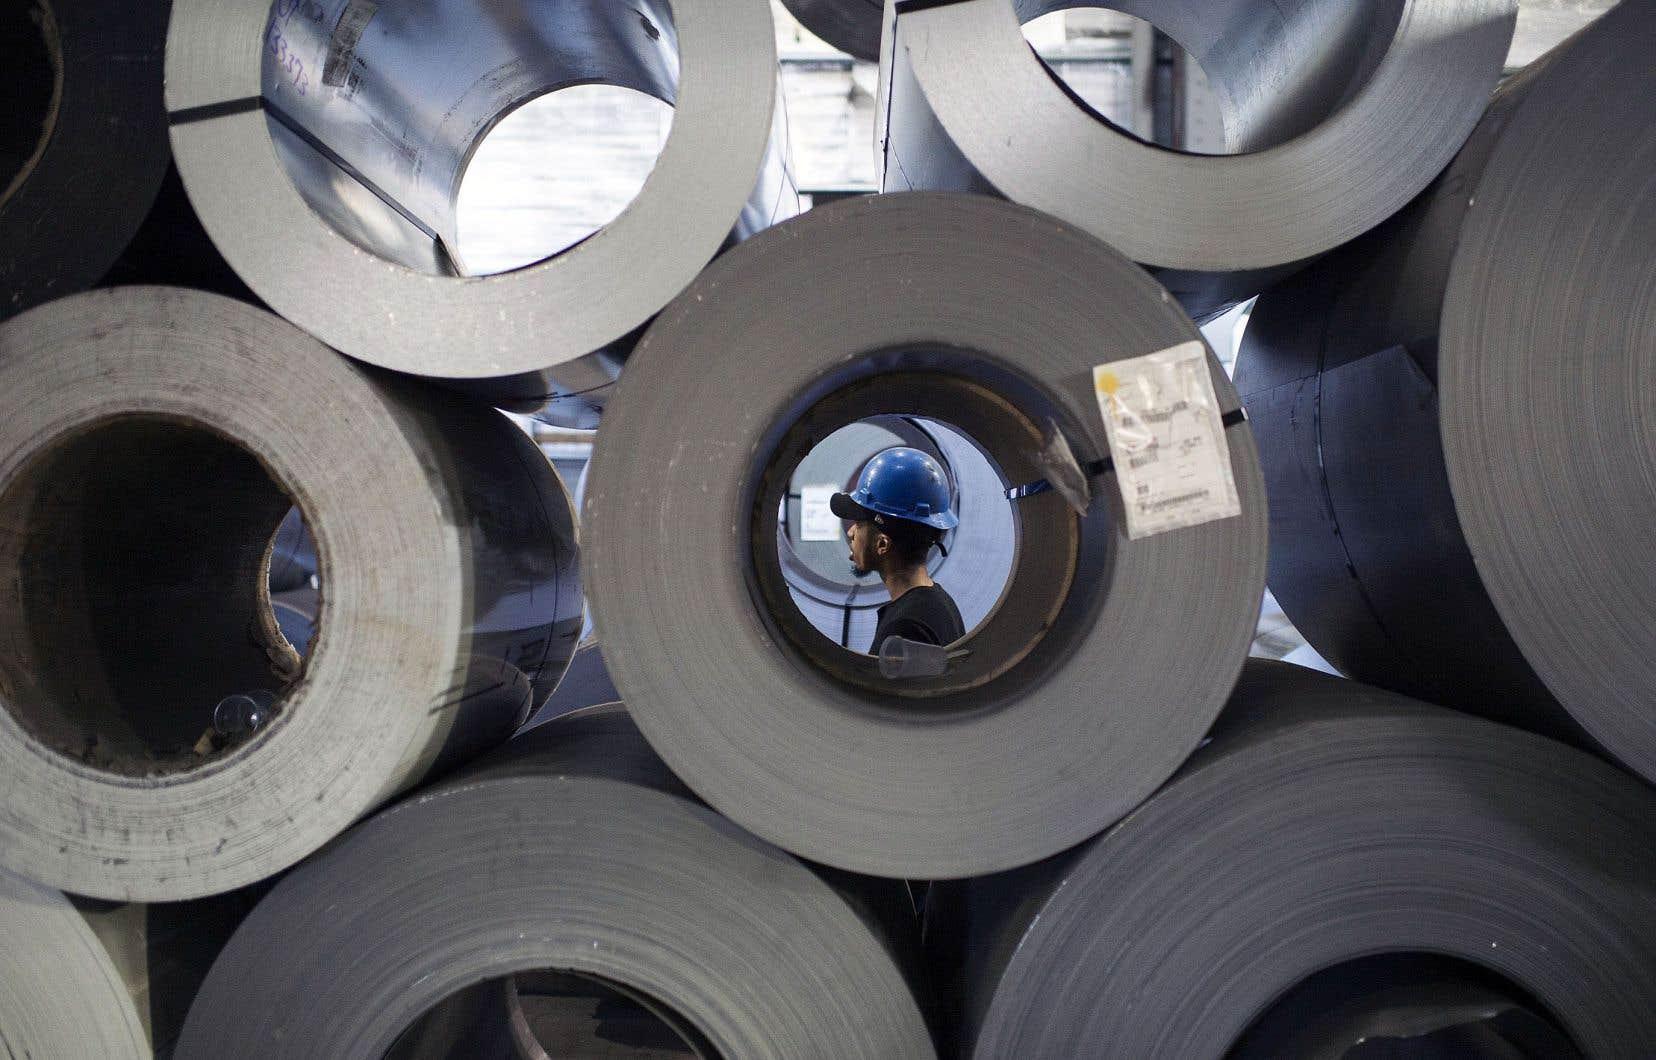 L'Union européenne et Pékin critiquent notamment le fait que Donald Trump a usé d'un argument de défense nationale pour décider de taxes de 25% sur les importations d'acier et de 10% sur celles d'aluminium.